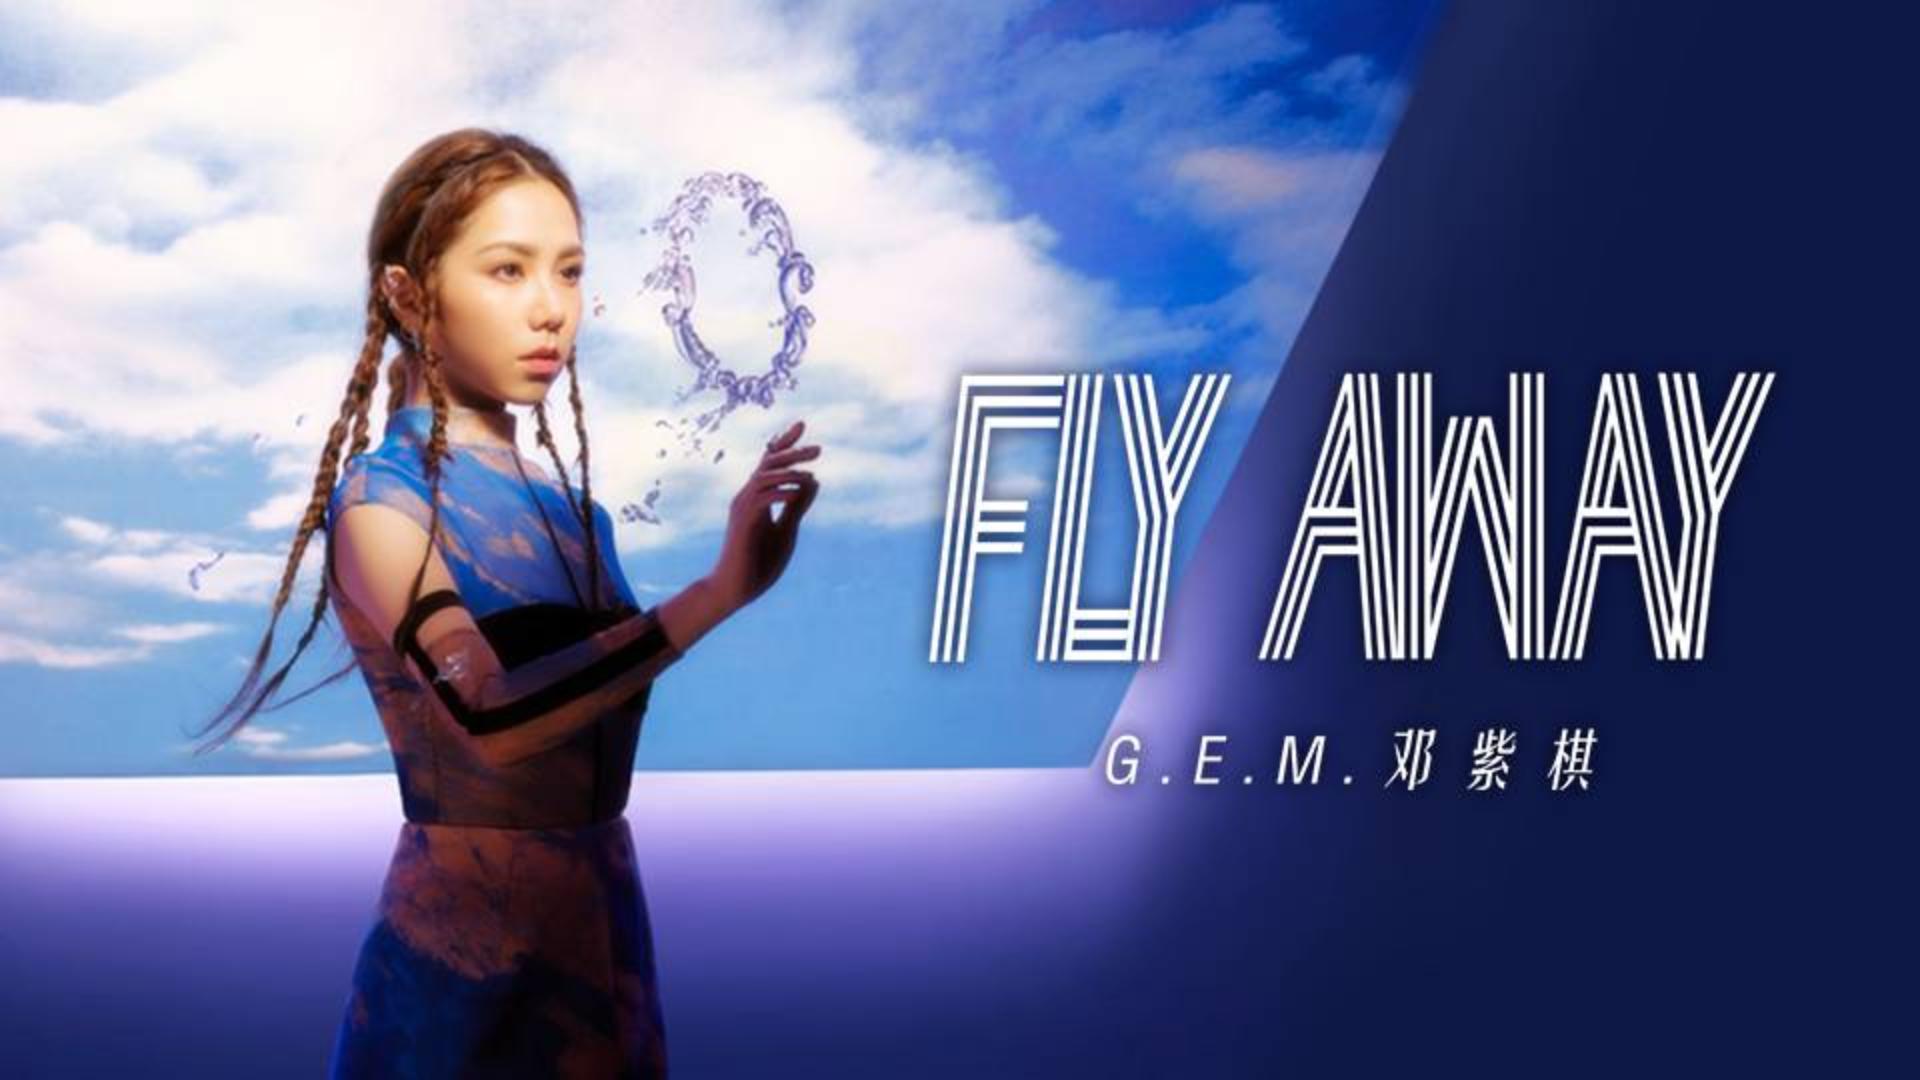 邓紫棋新歌《Fly Away》MV上线!